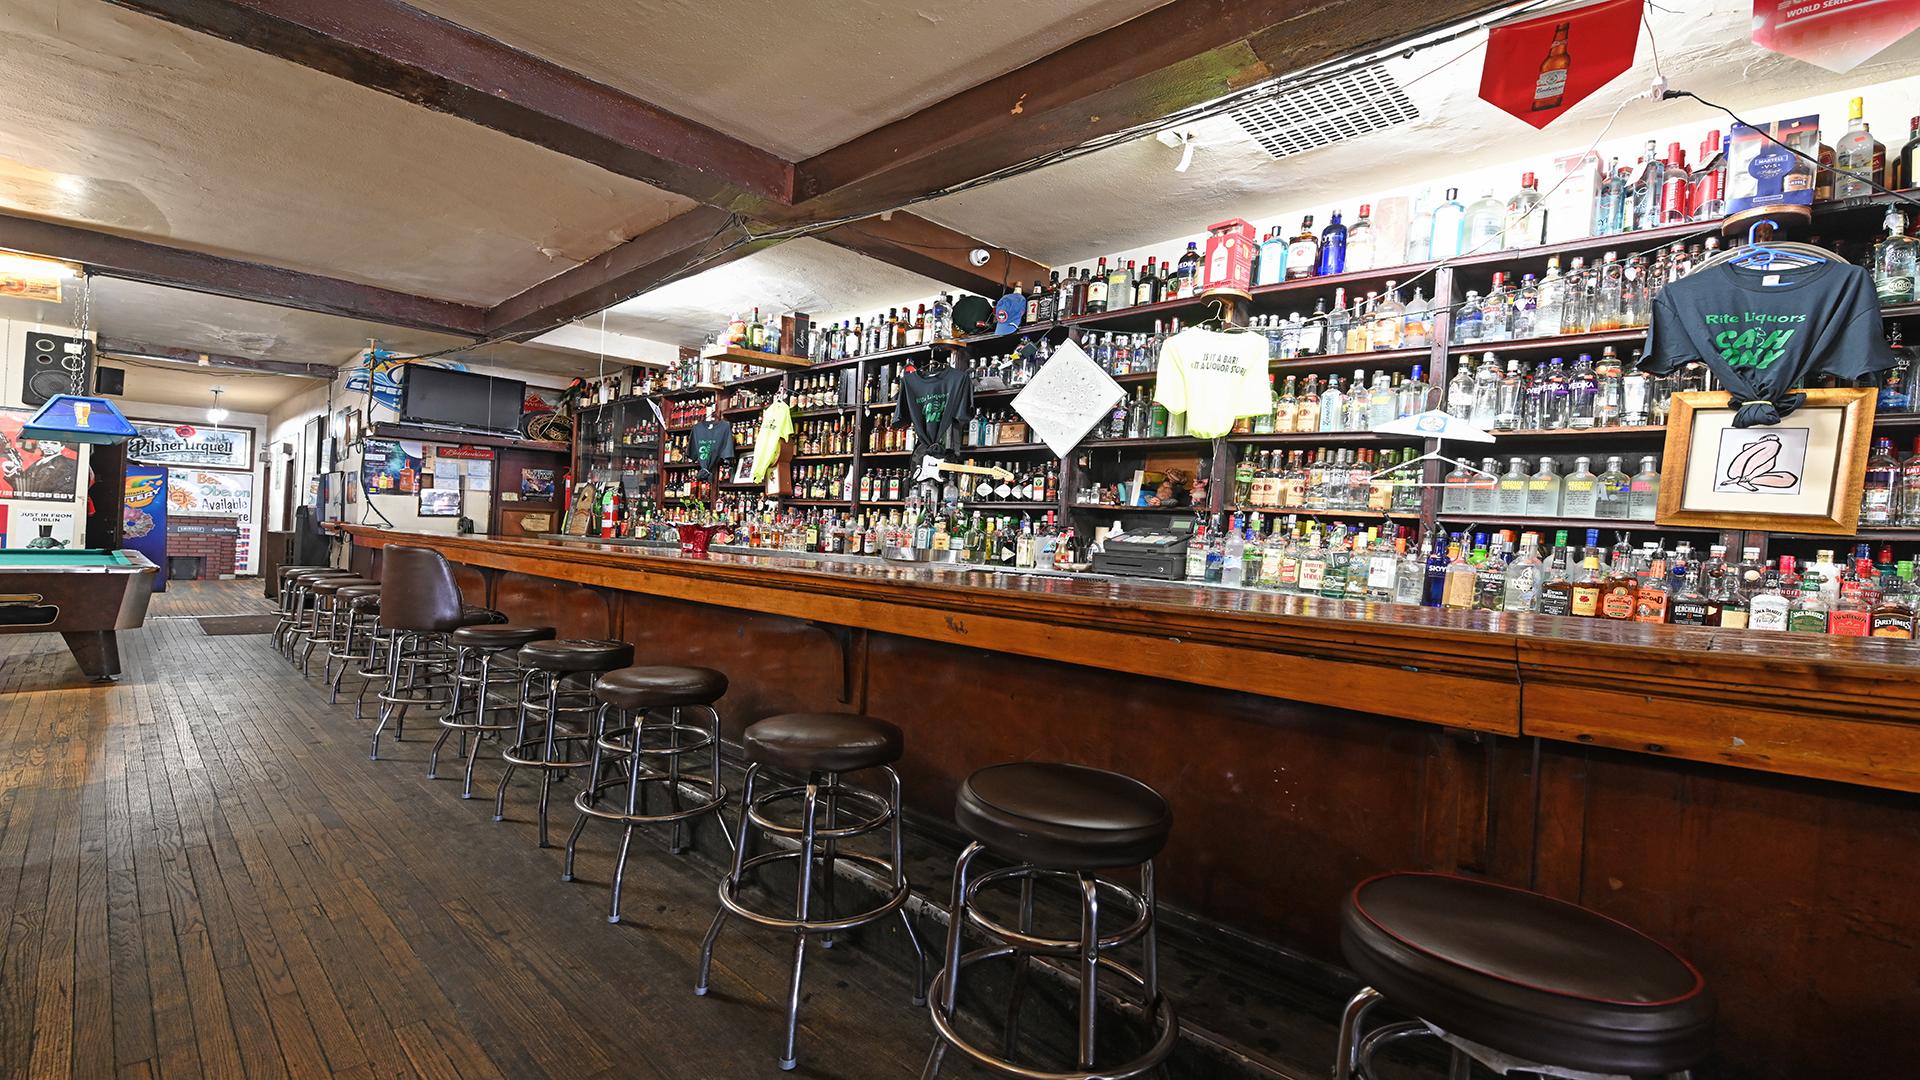 Rite Liquors bar